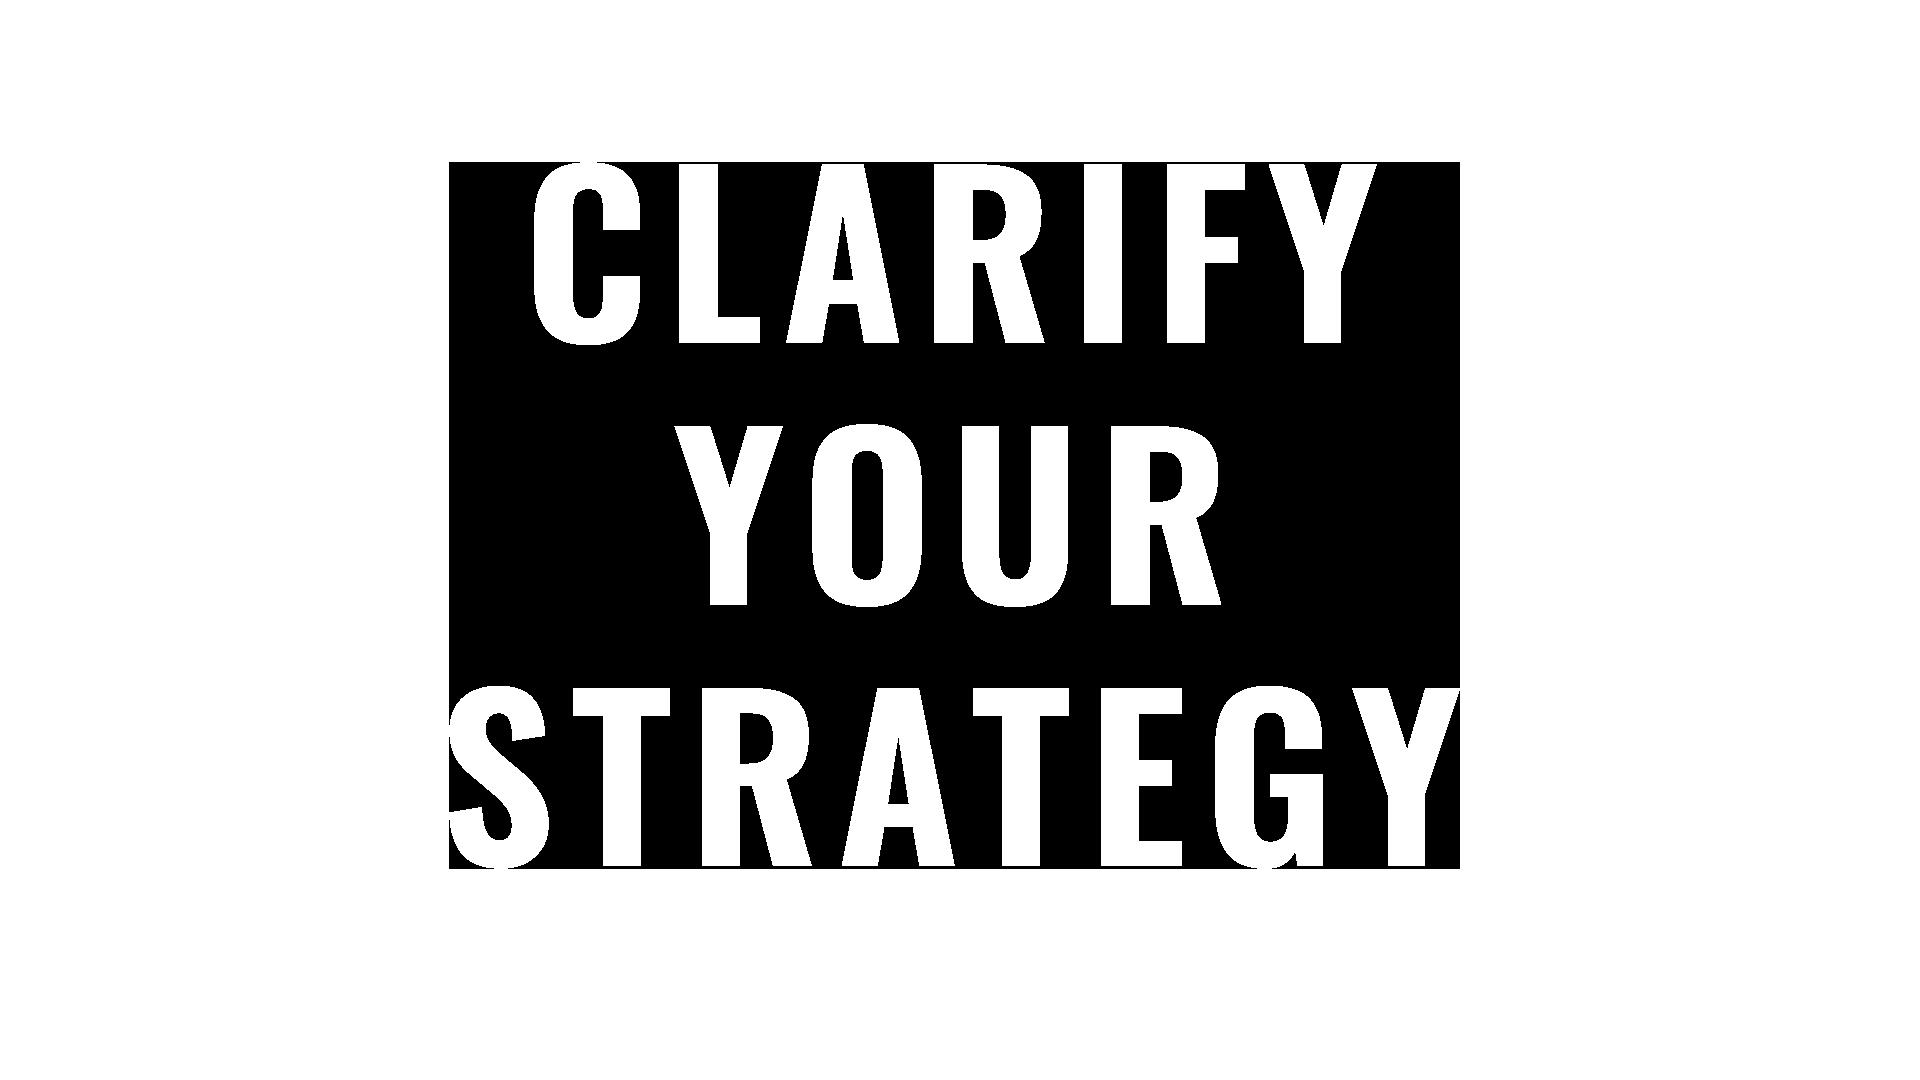 ClarifyYourStrategyWhite.png